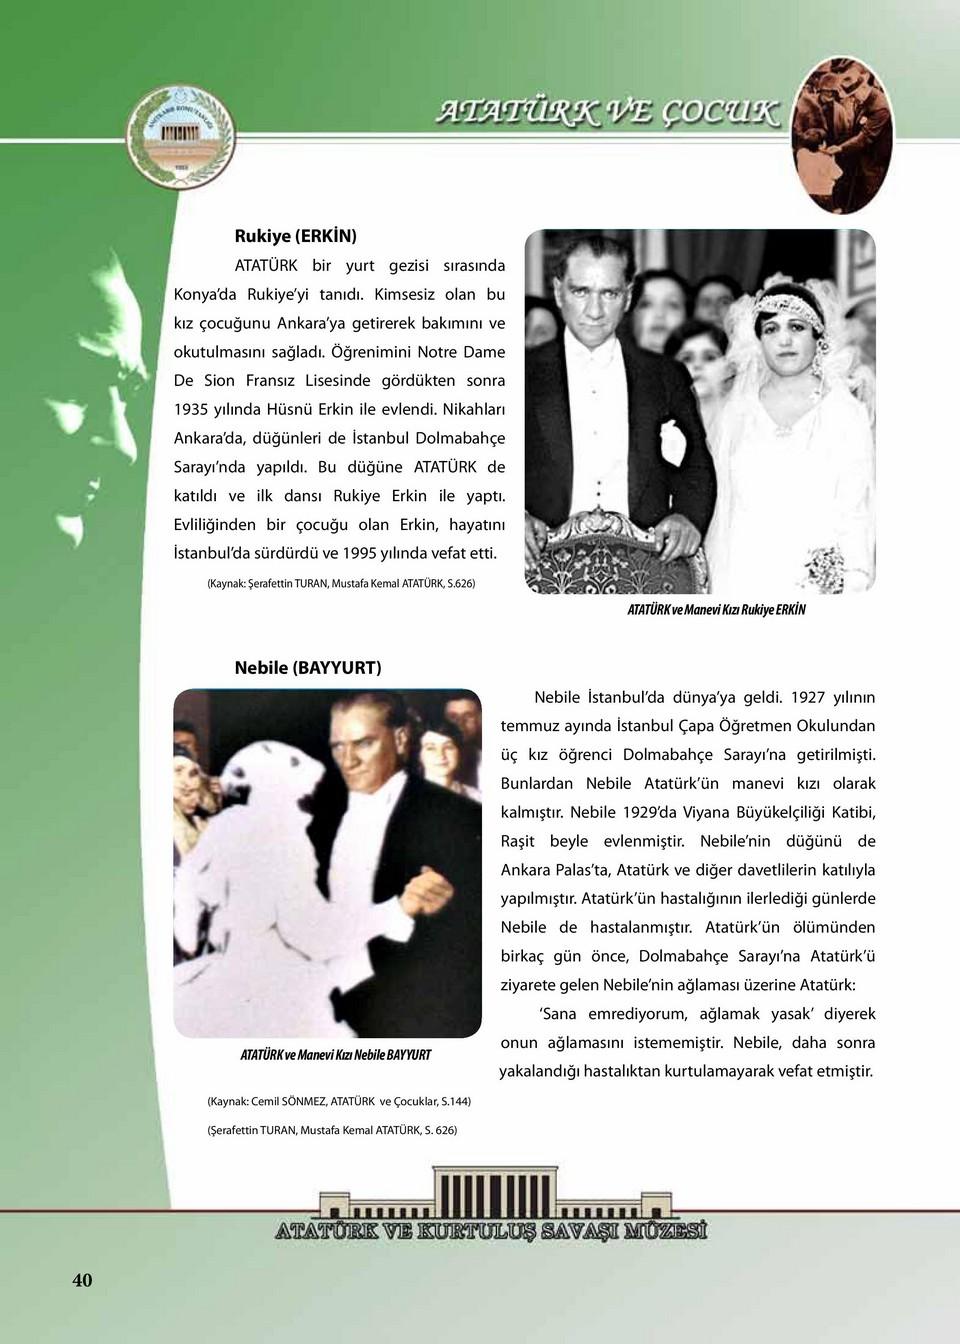 ataturkvecocuk-page-042